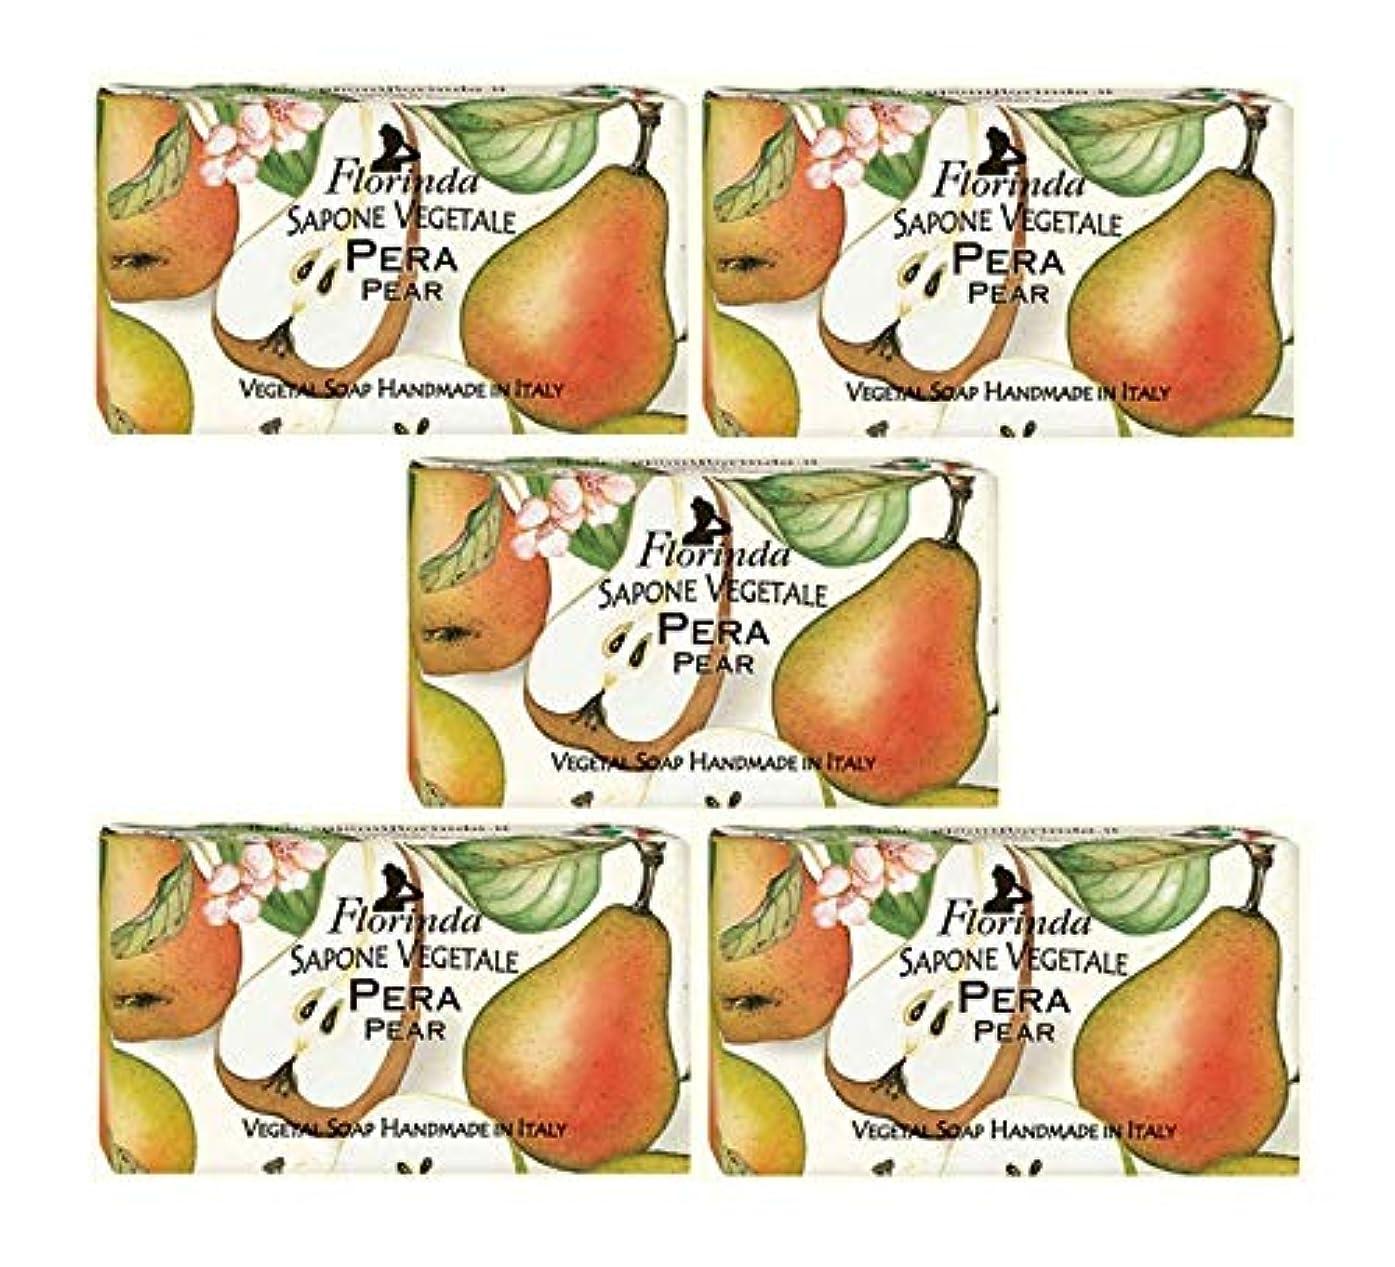 荒れ地期限切れ合体フロリンダ フレグランスソープ 固形石けん フルーツの香り ペア 95g×5個セット